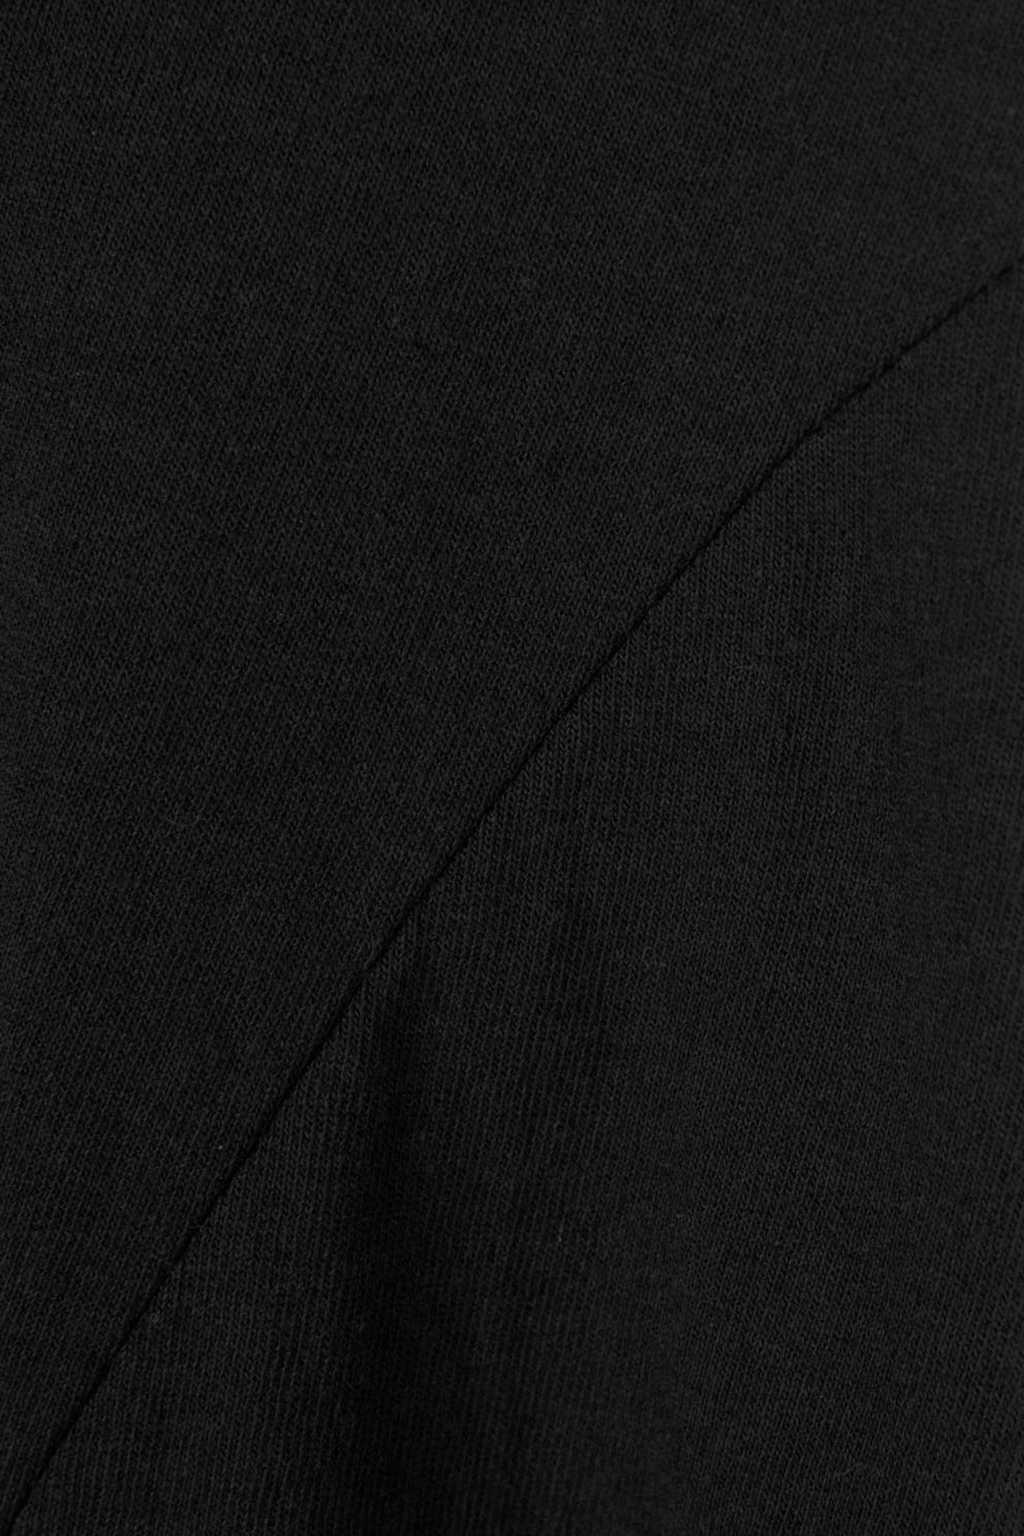 Tunic H026 Black 6